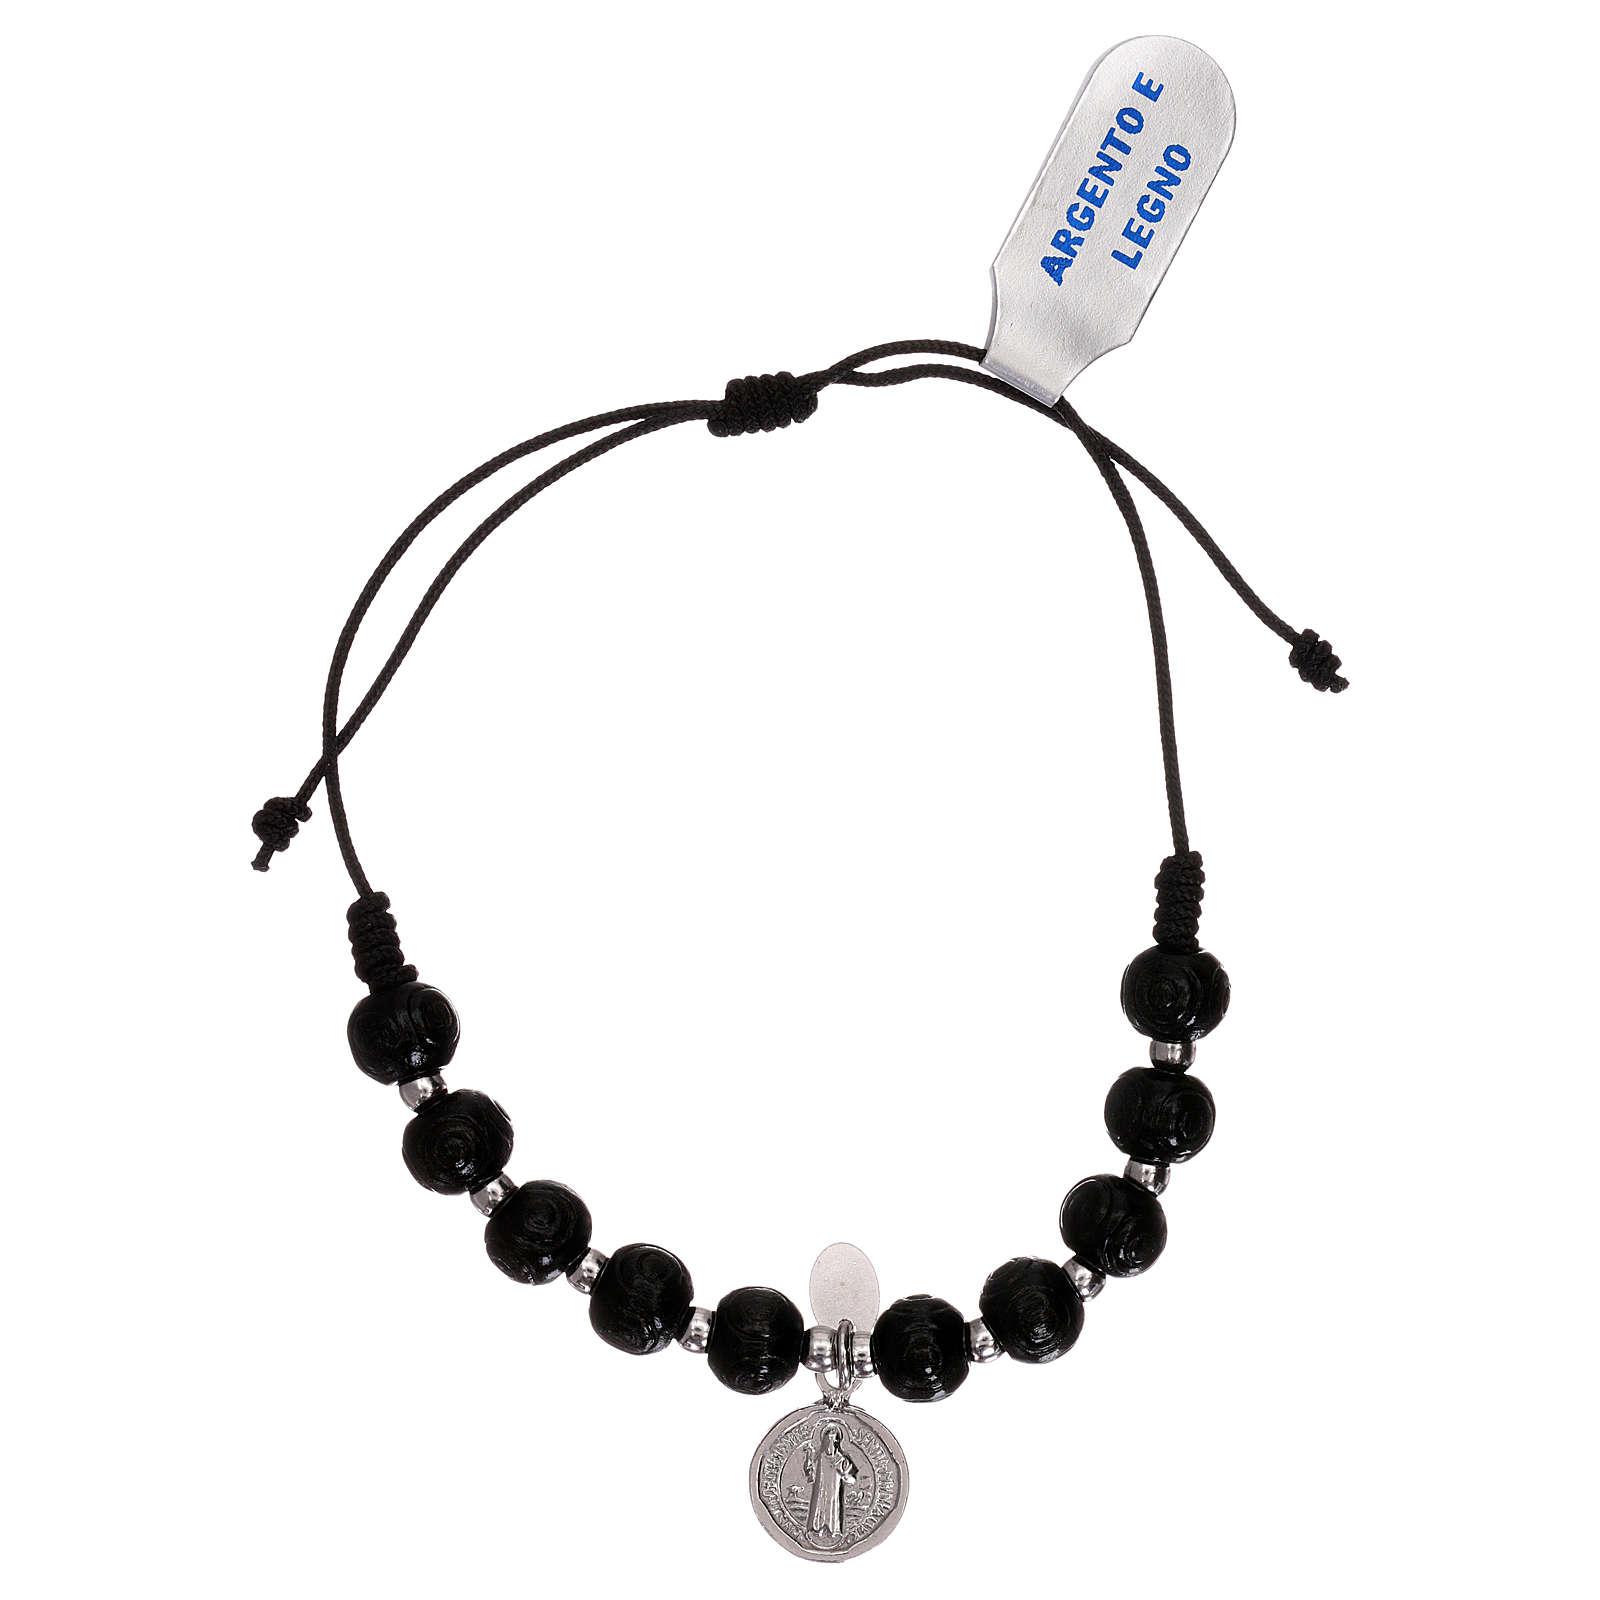 Bracelet chapelet en bois noir taillé avec médaille 4